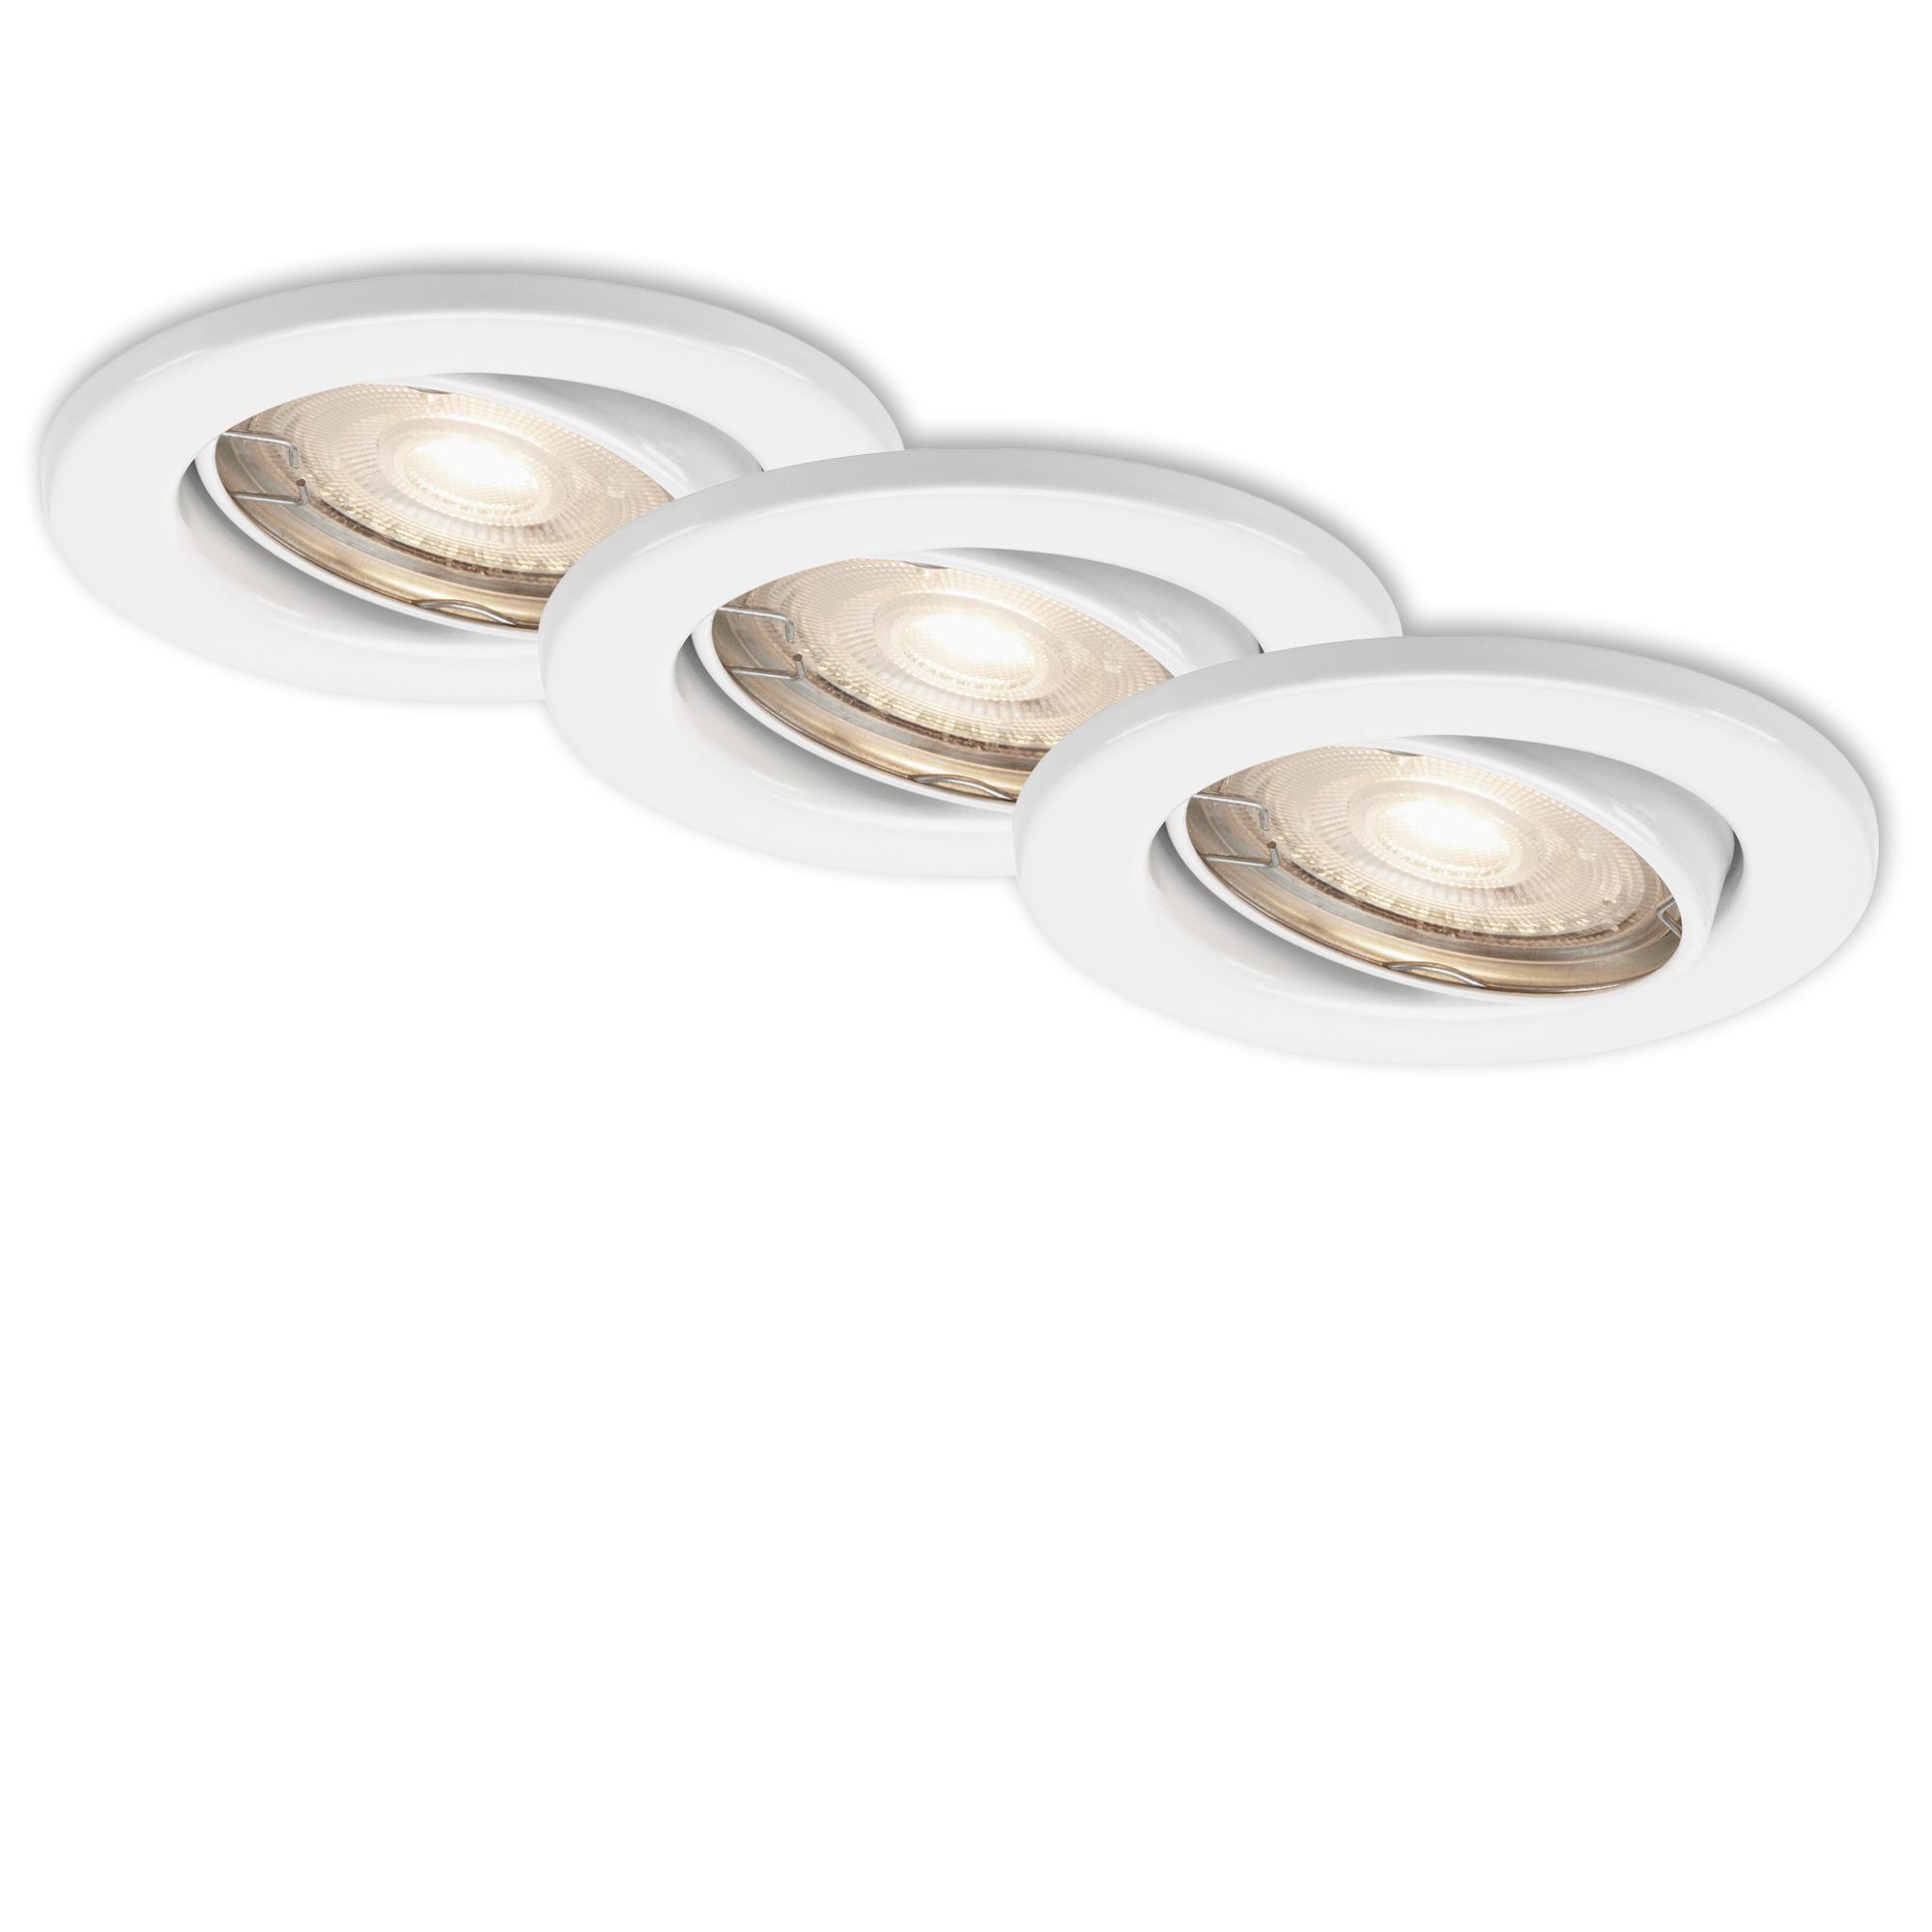 3er LED Einbauleuchte, Ø 8,6 cm, 5 W, Weiß